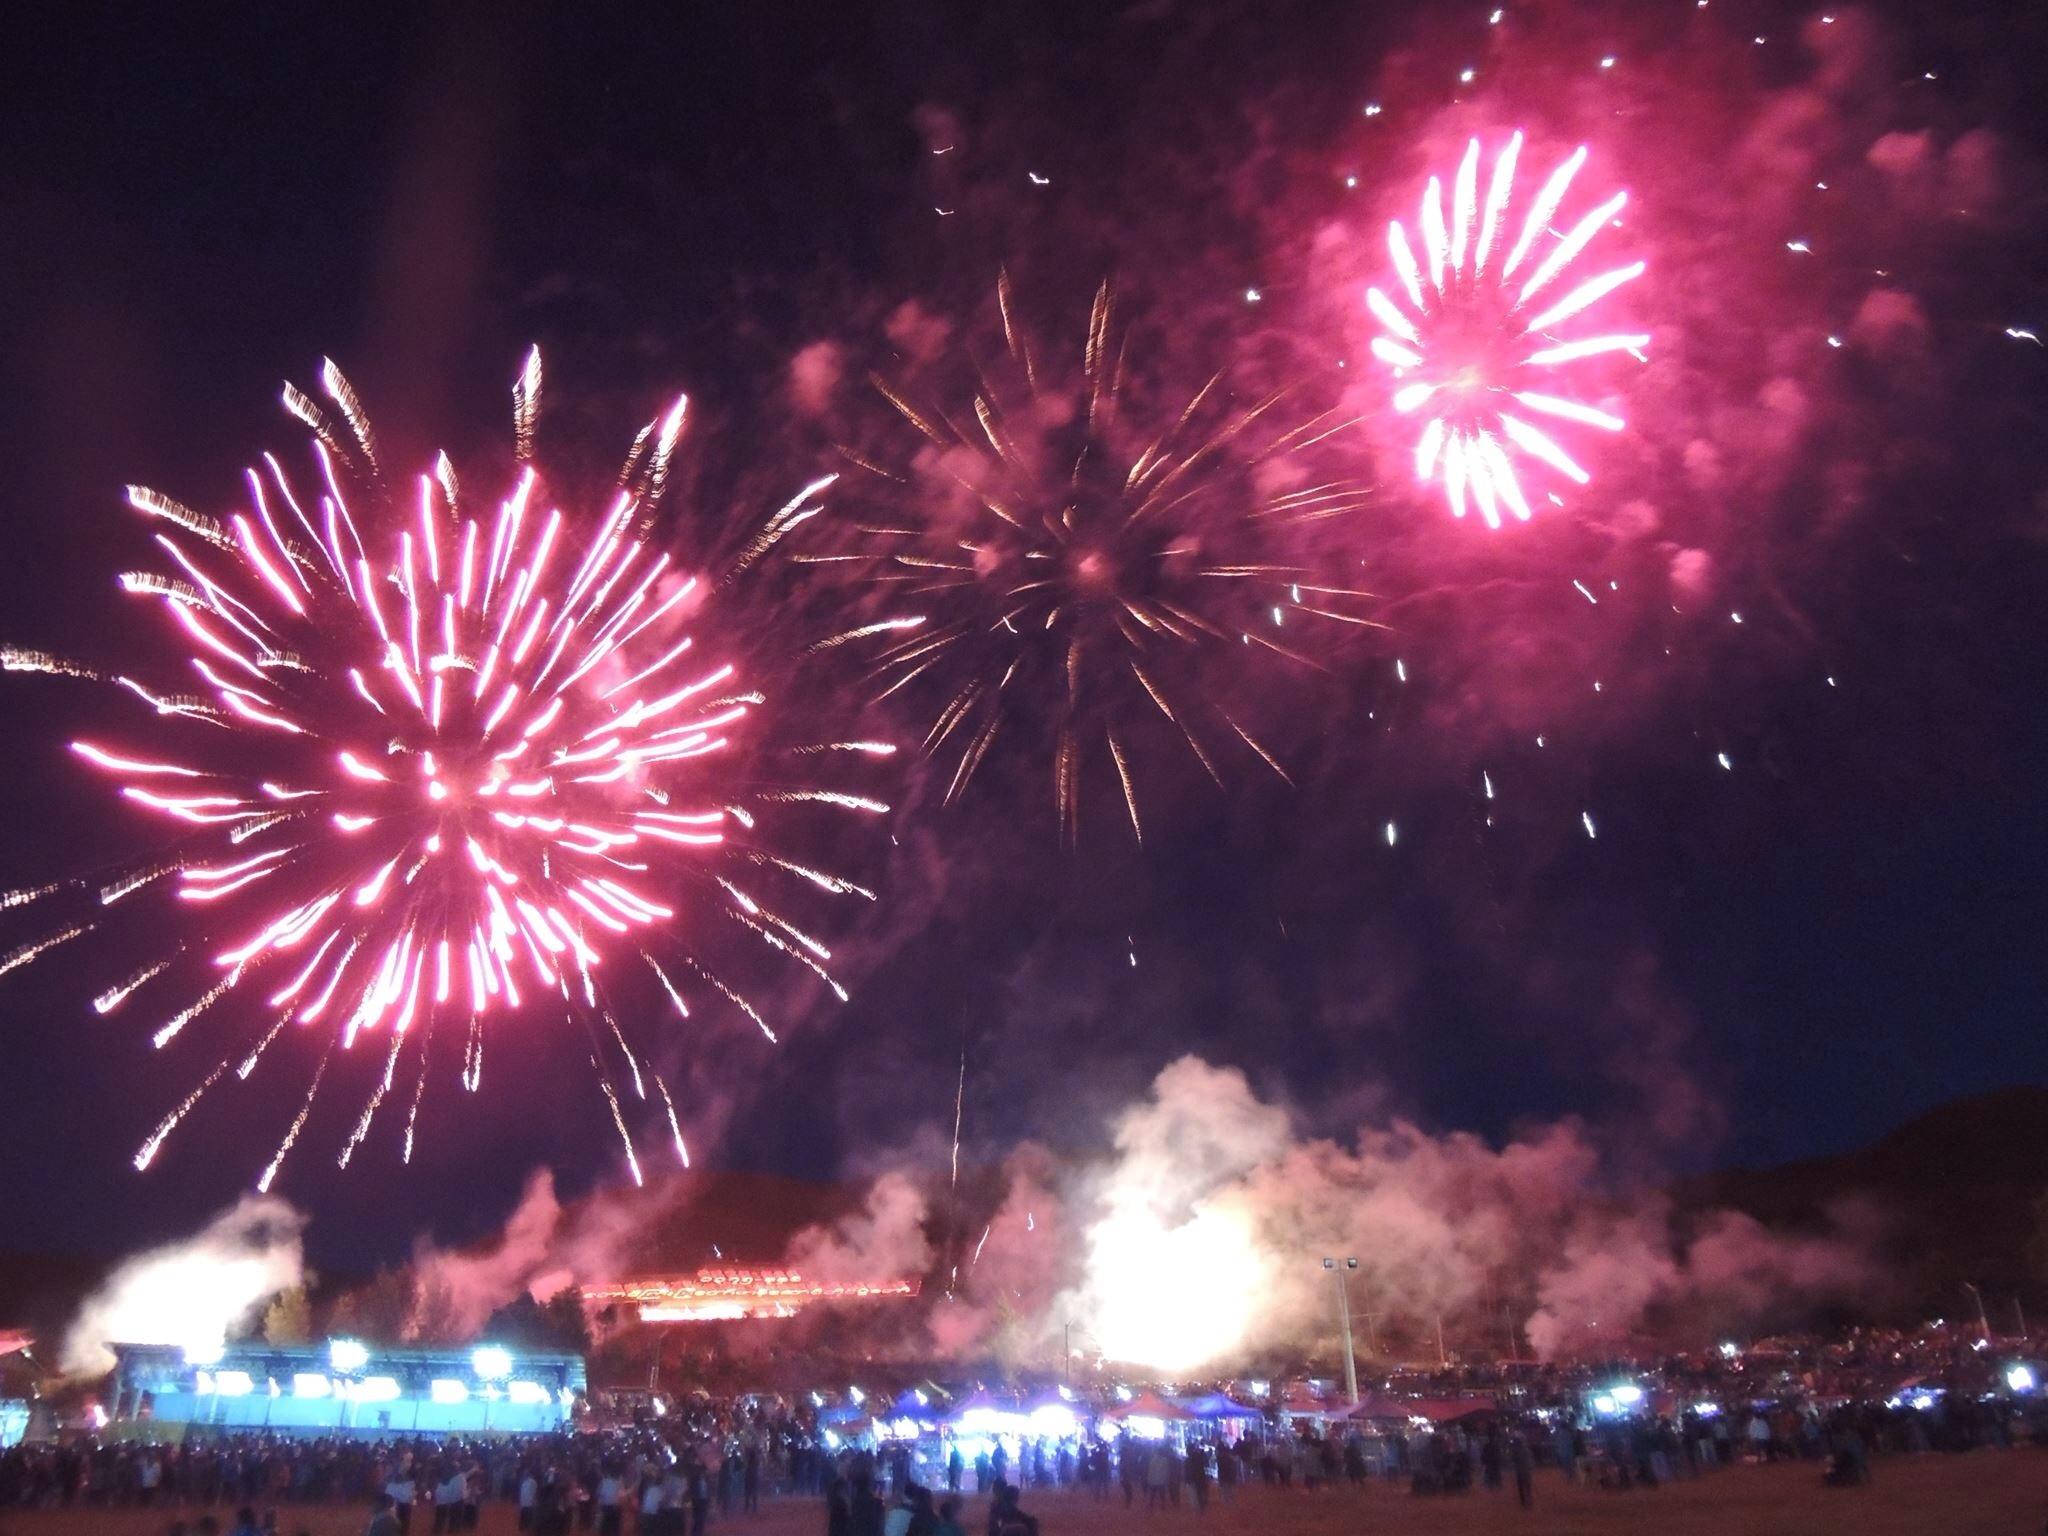 タウンジー市の気球祭りの花火